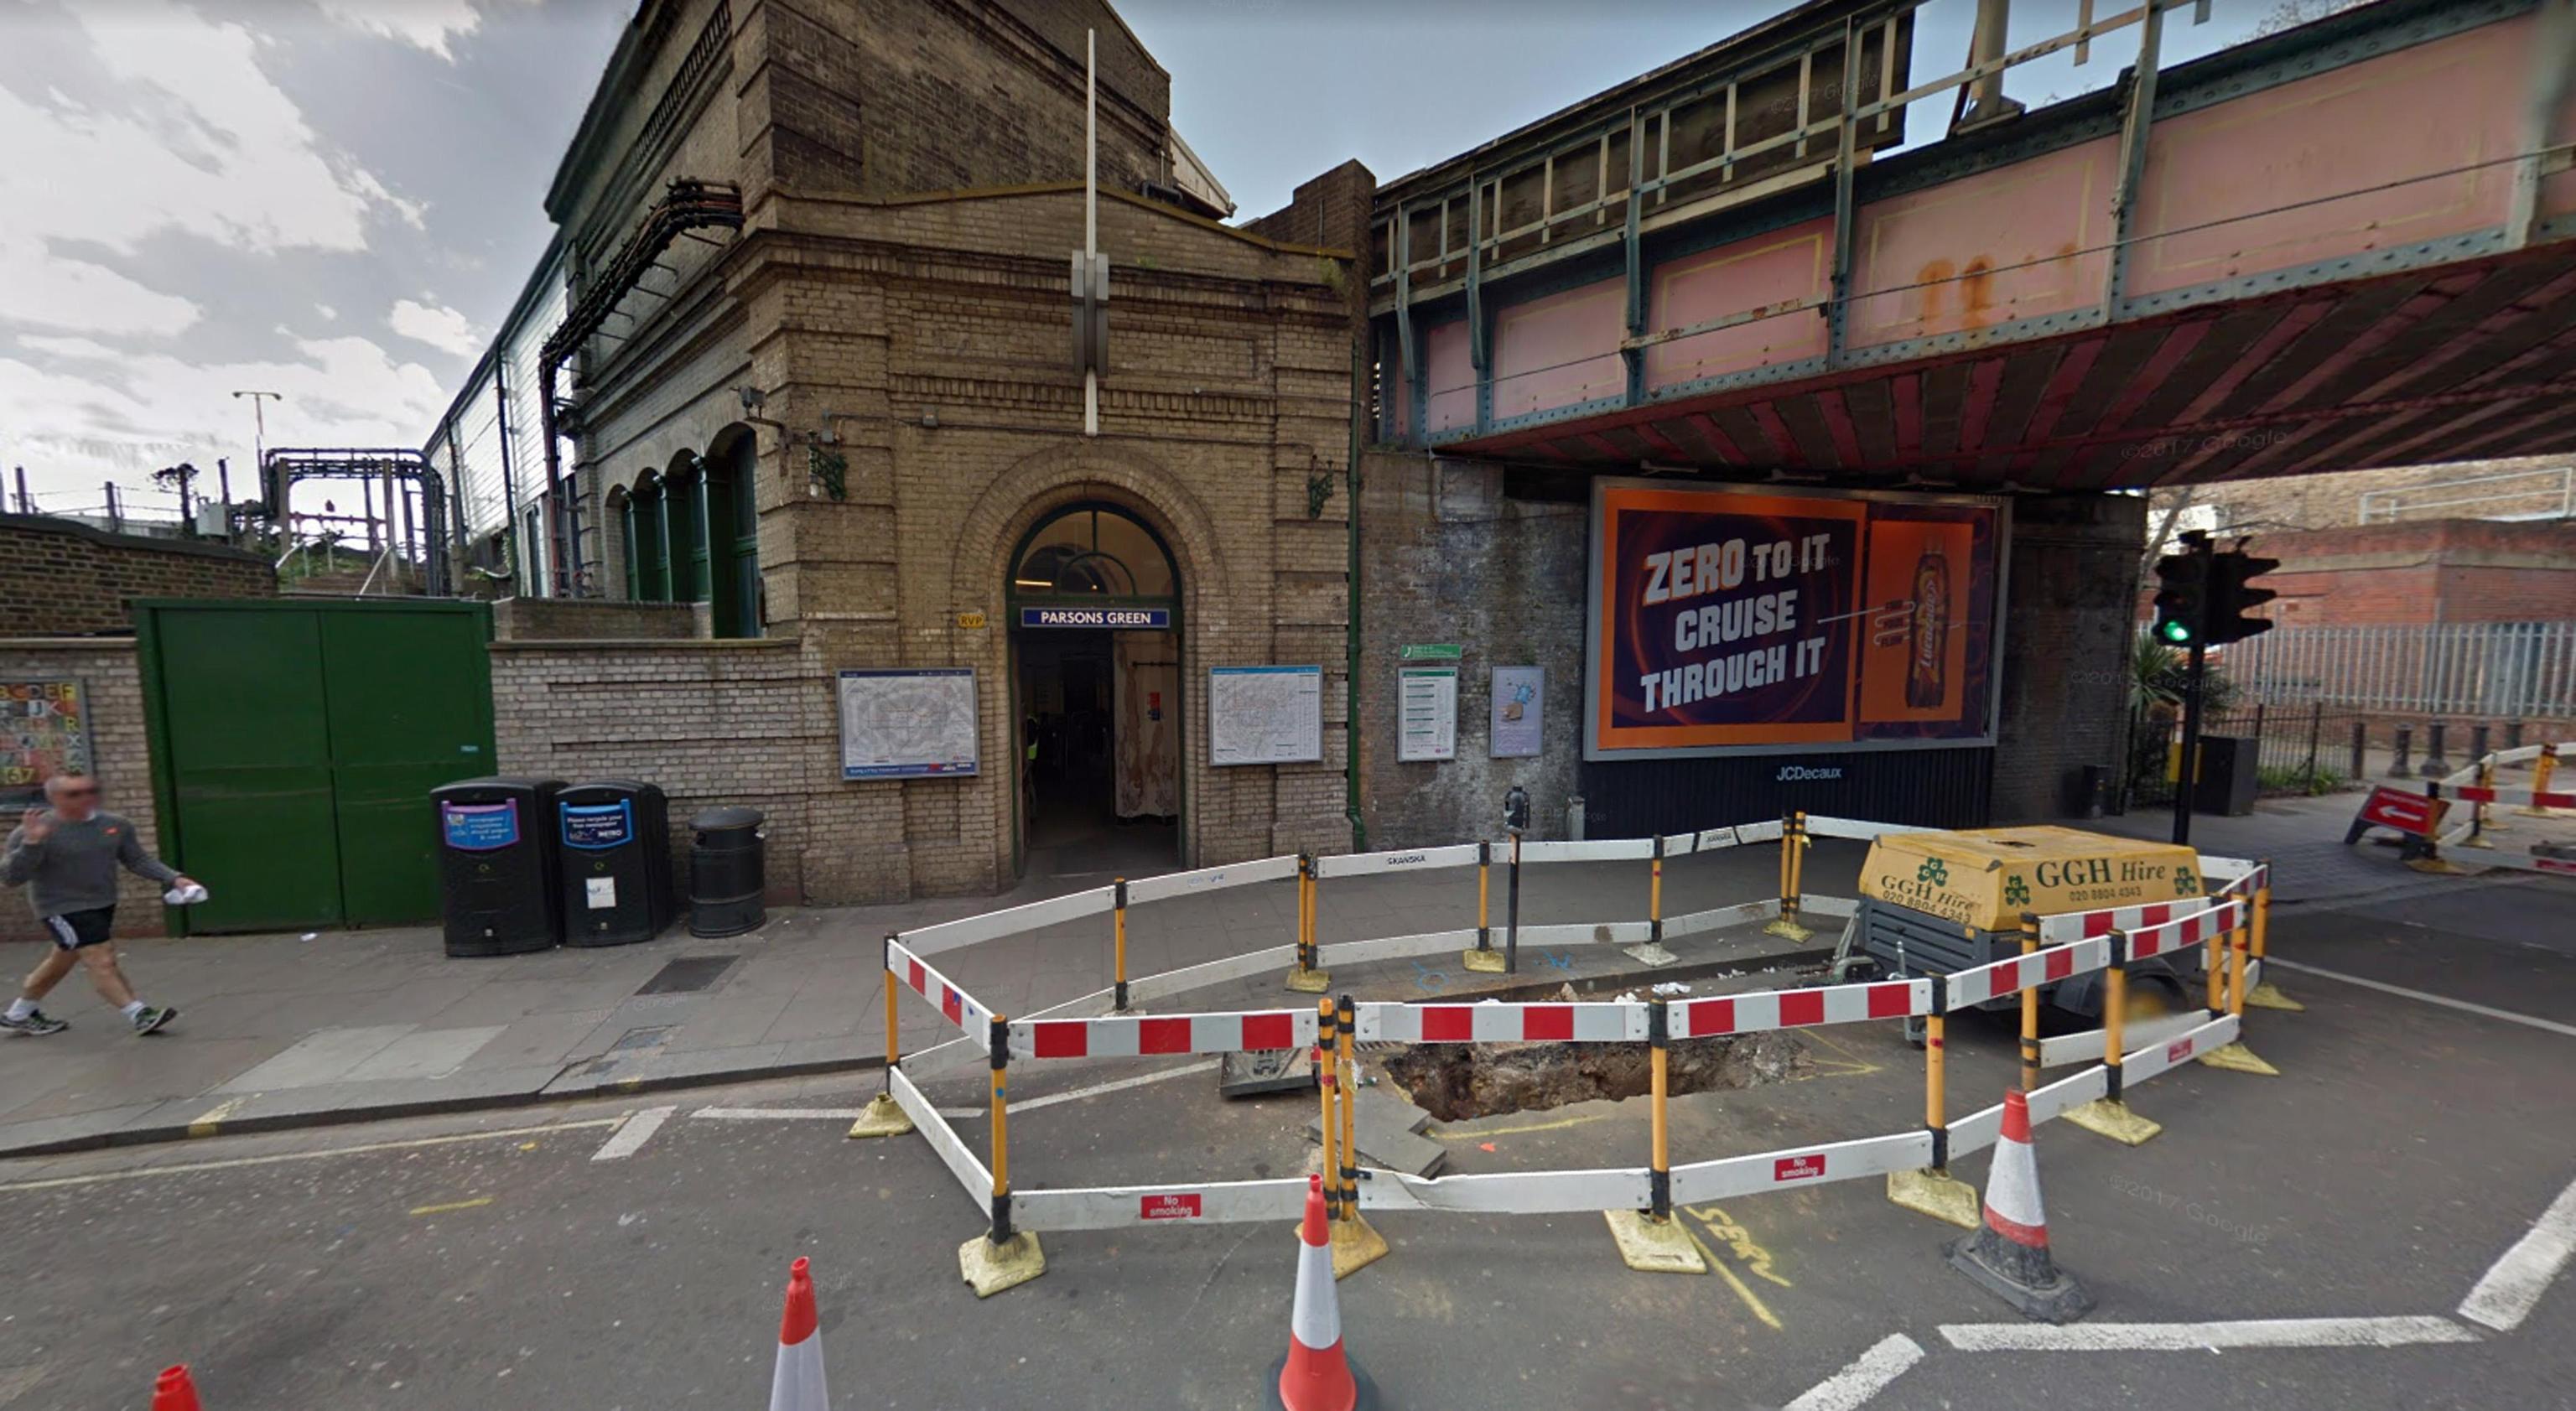 Londra, esplosione sulla metro causa feriti e ustionati: per Scotland Yard è terrorismo